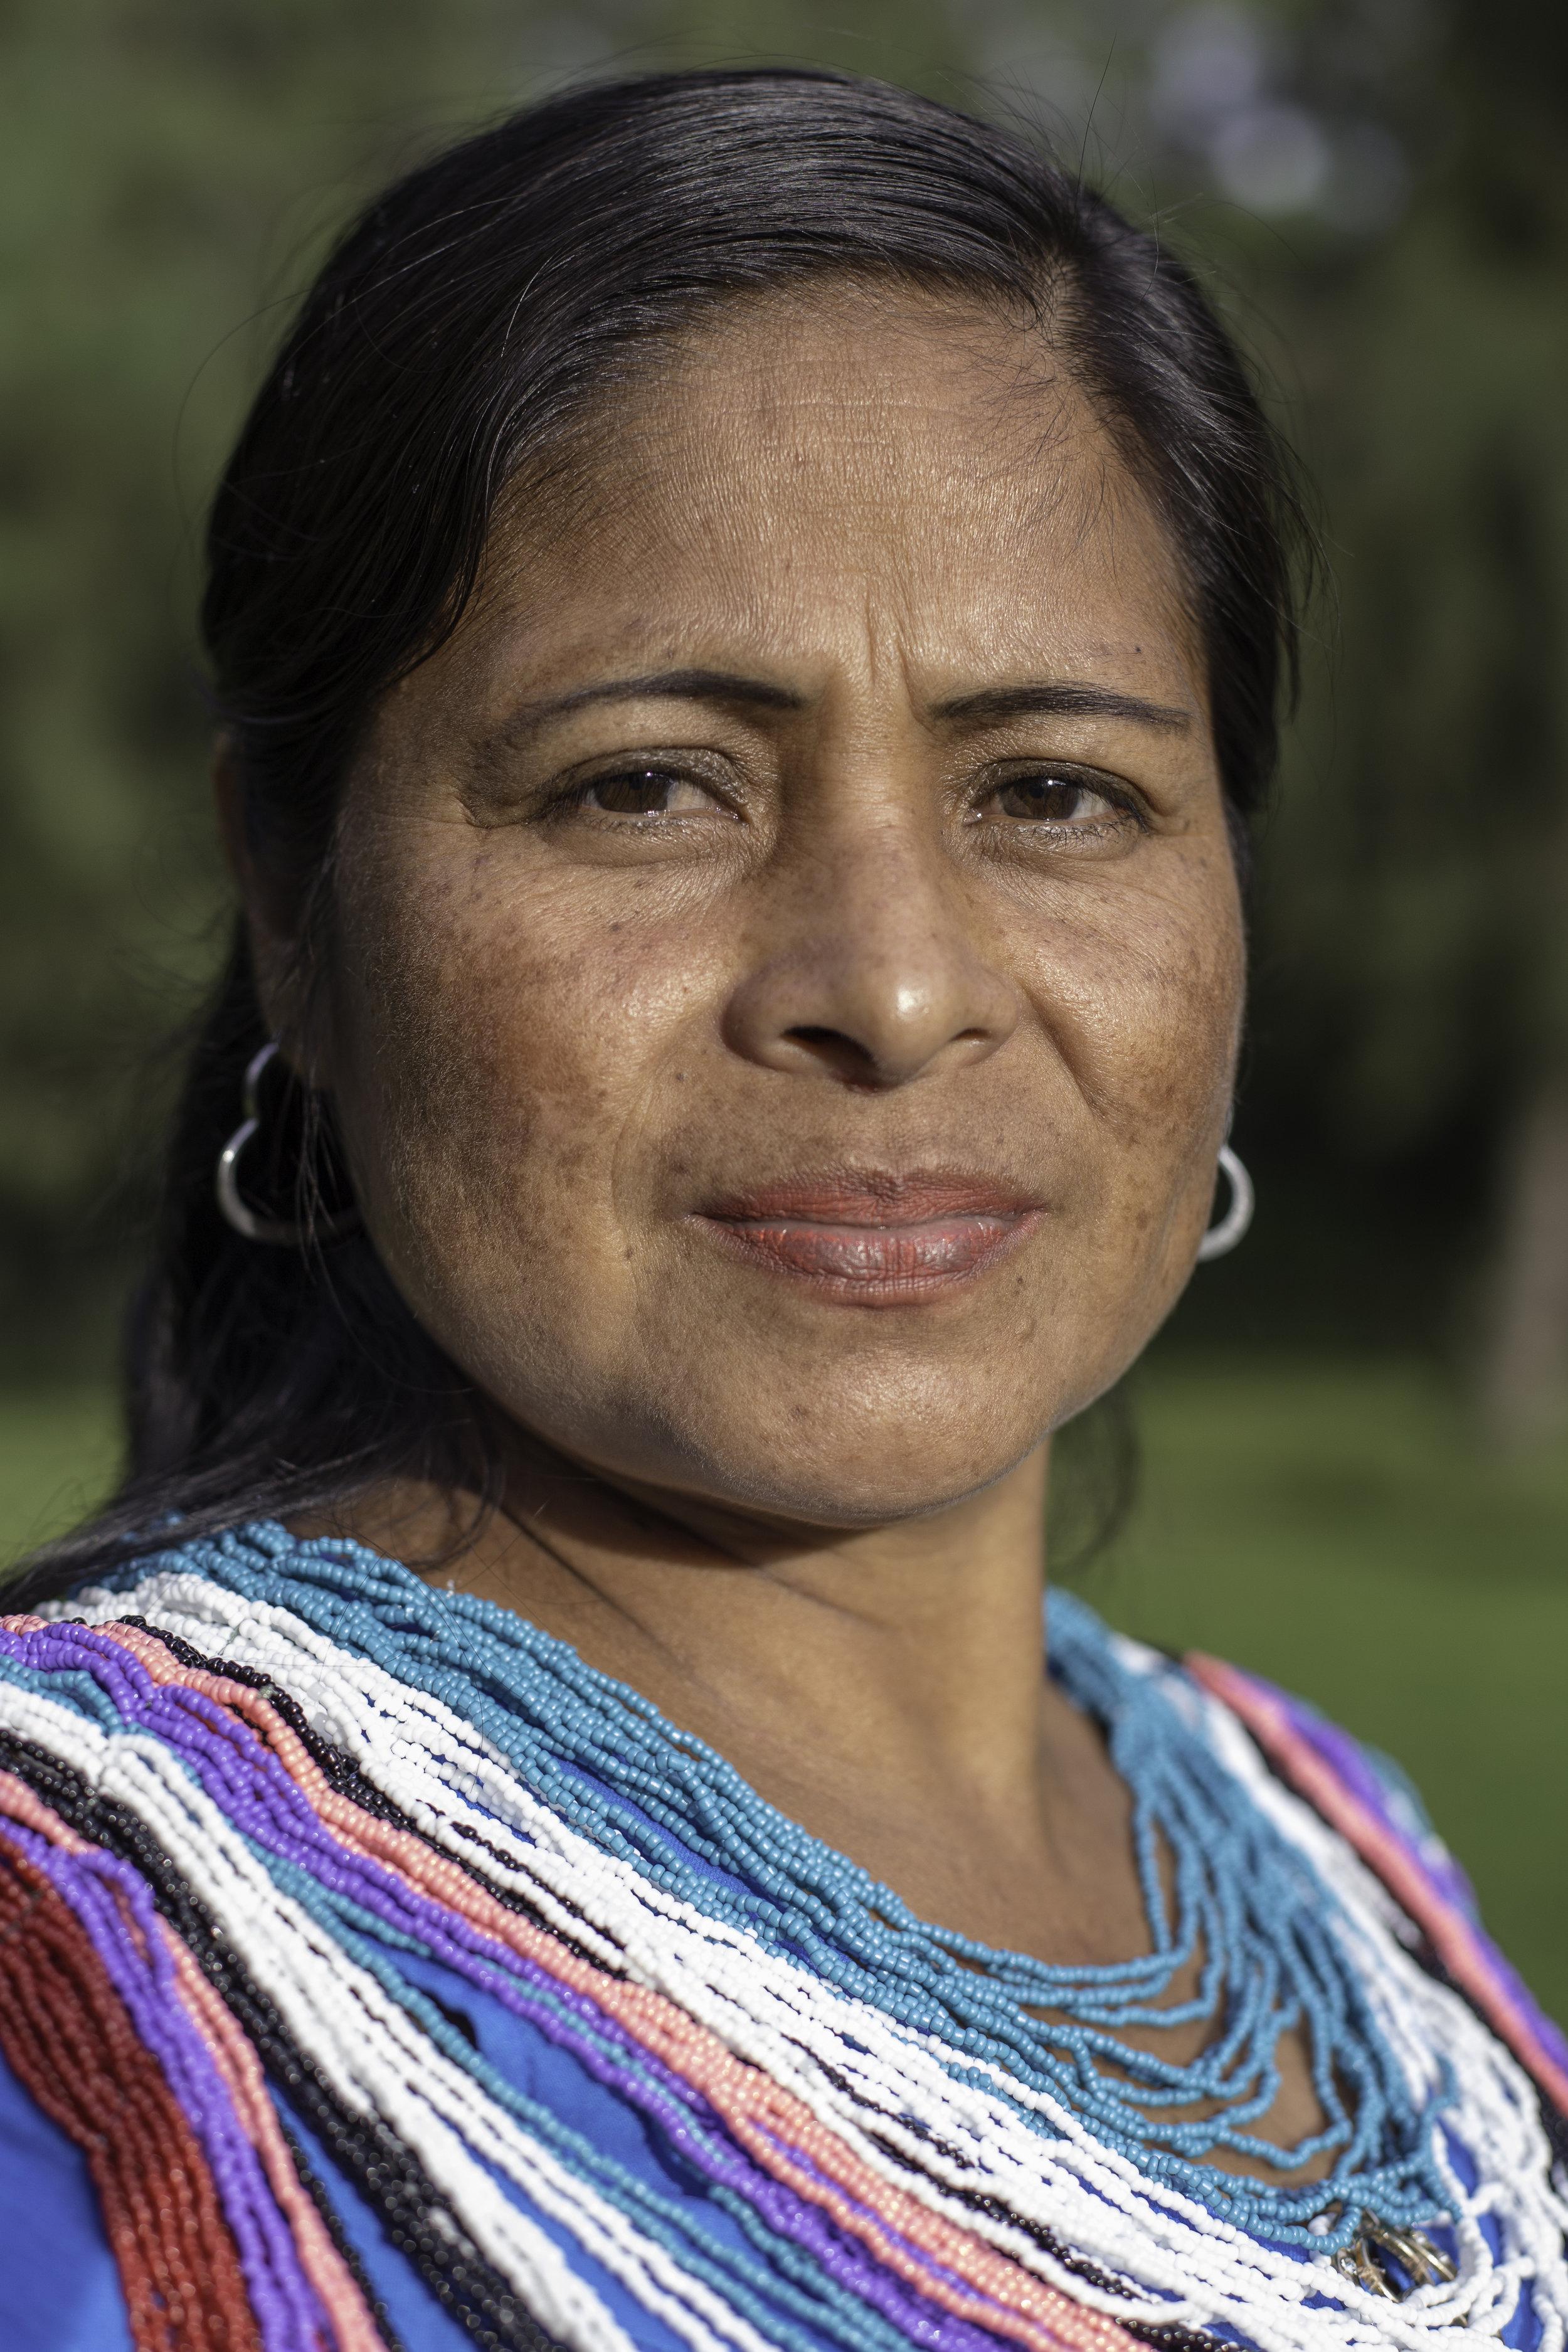 A_Mariela Quintero, Río Verde, Esmeraldas, Nac Chachi Ecuador.jpg